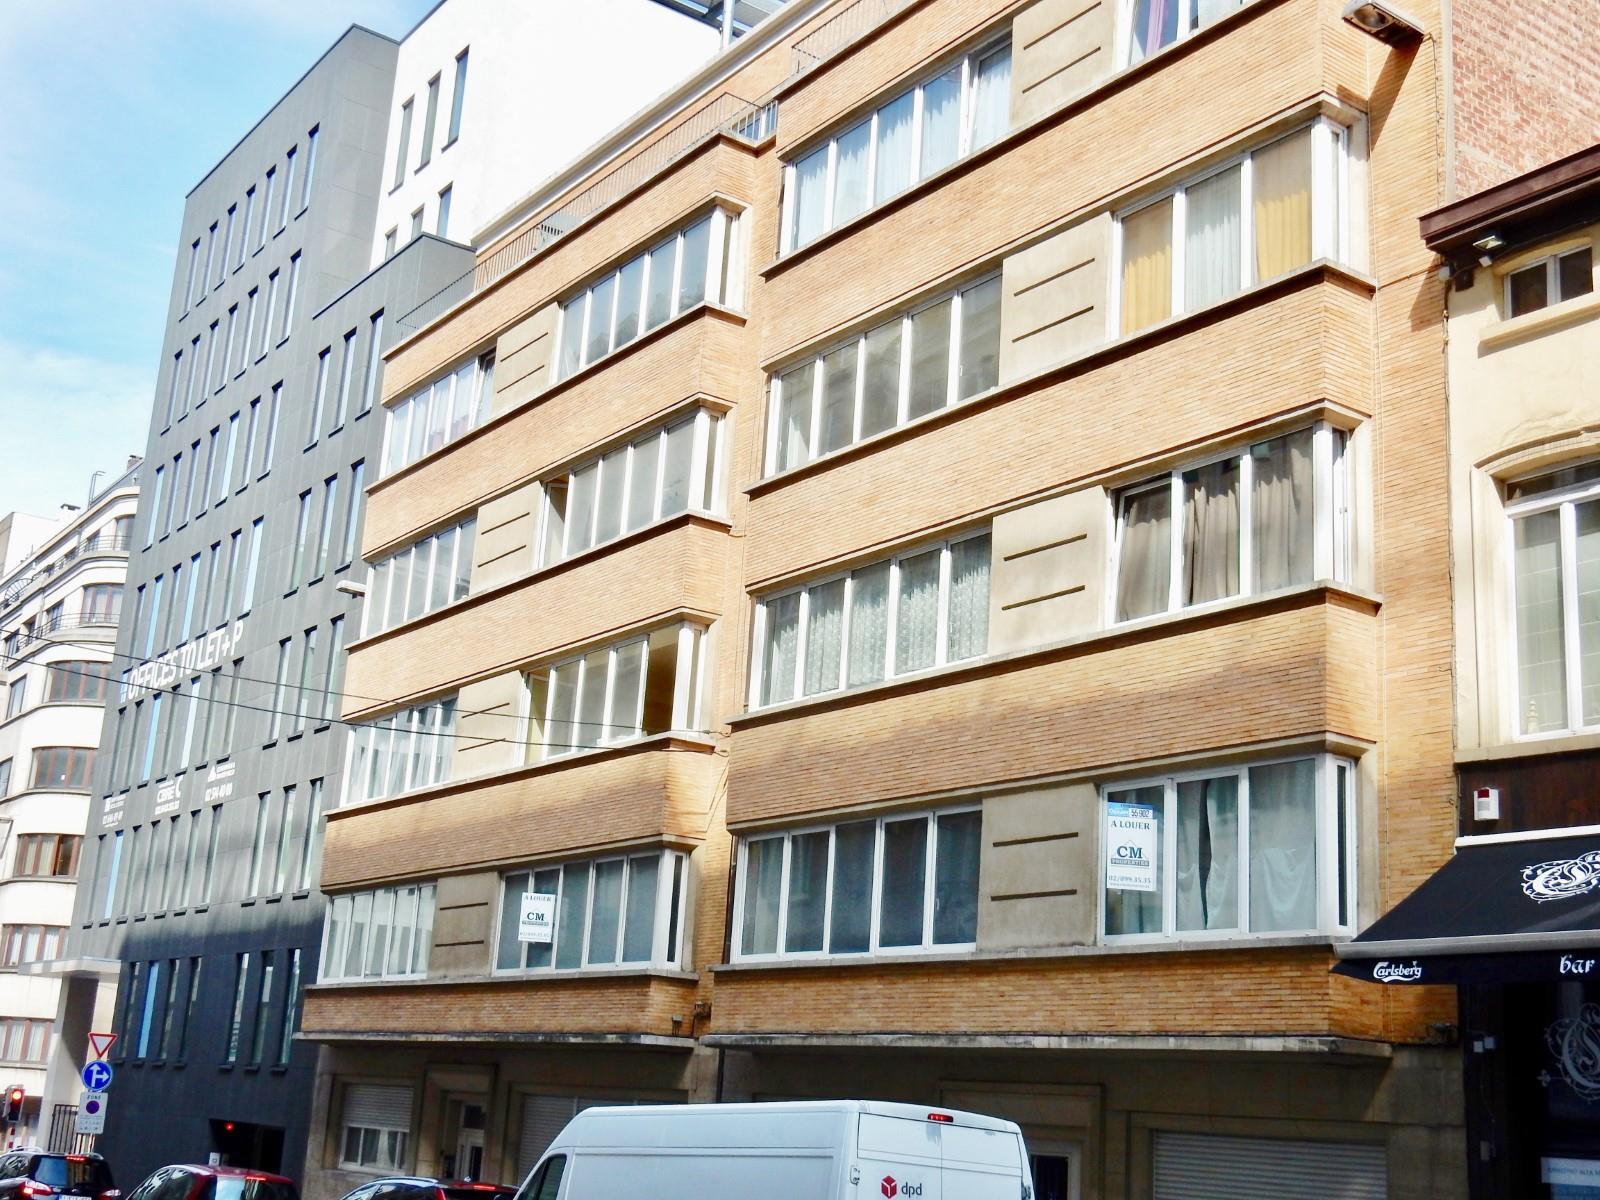 Flat - Bruxelles - #3798109-7